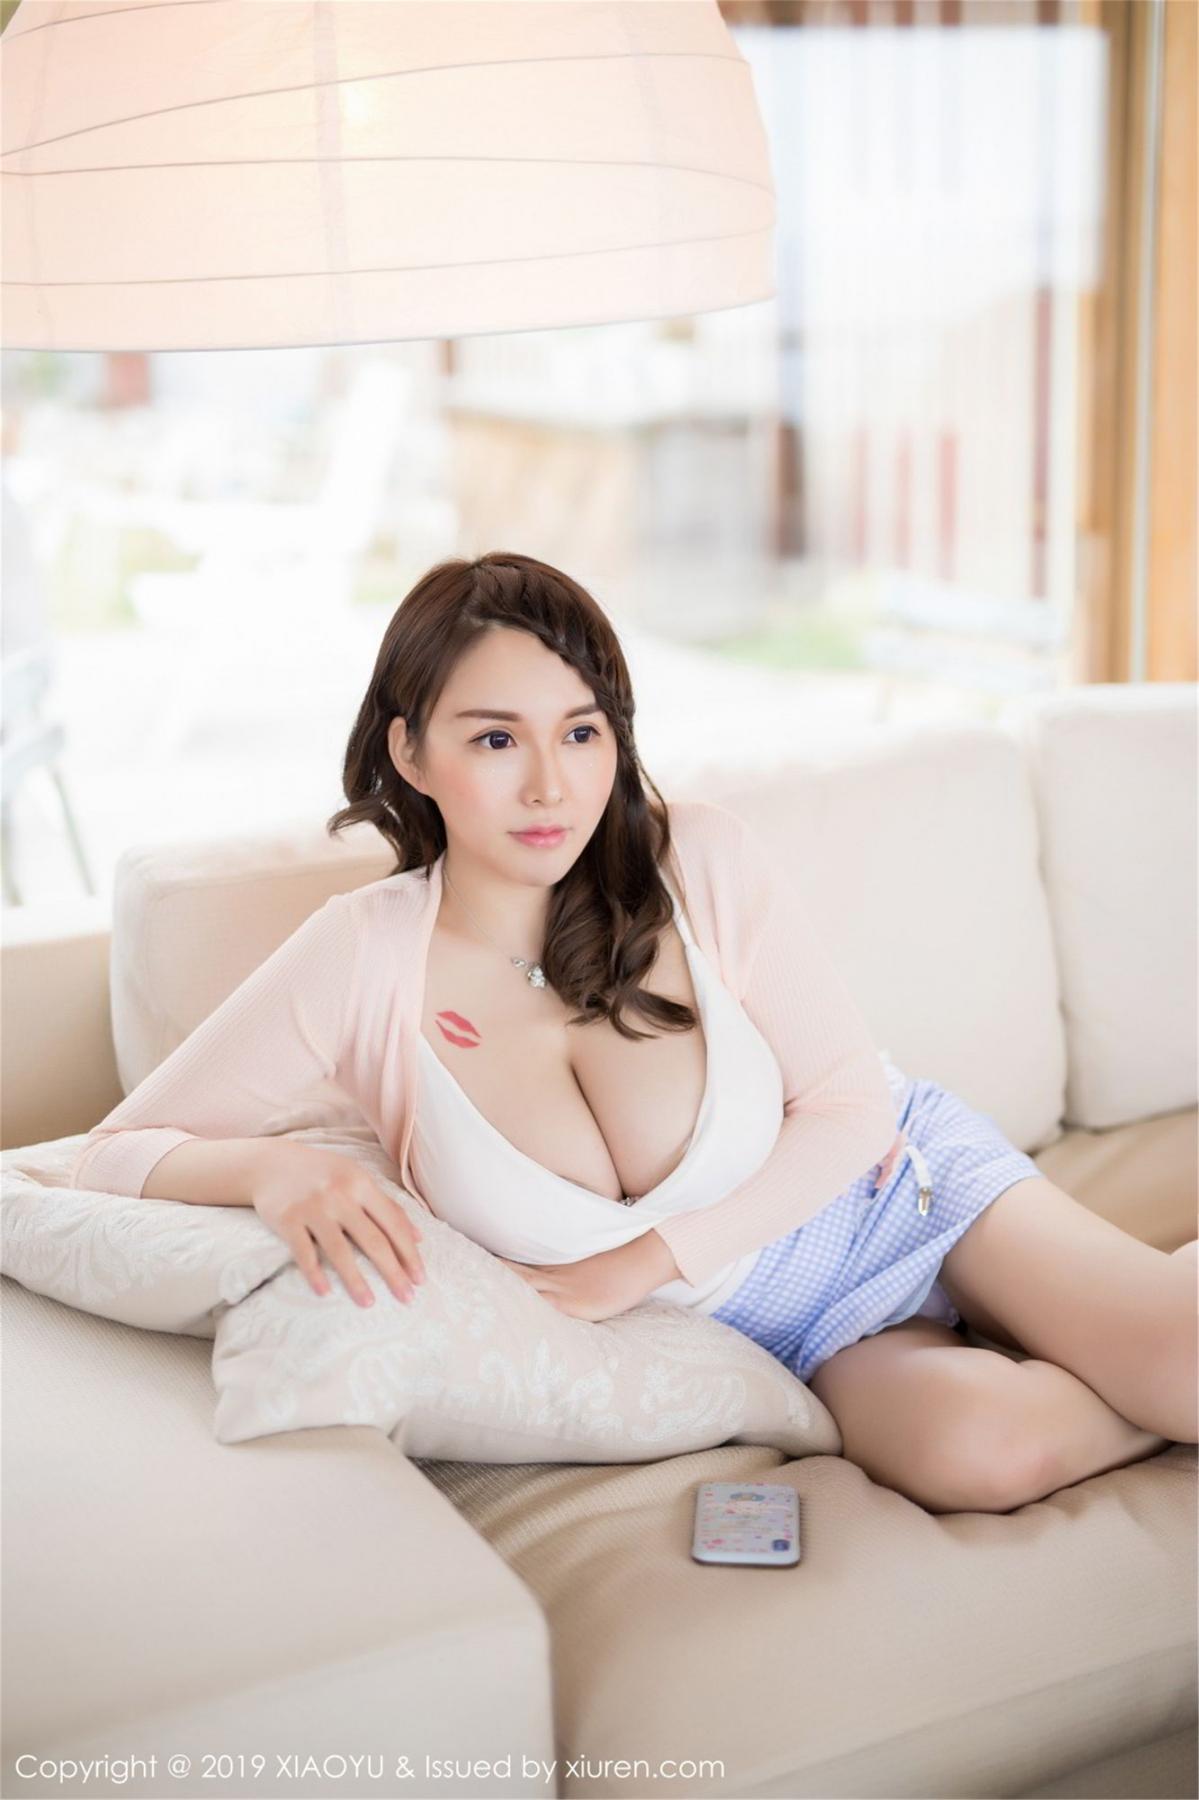 [XiaoYu] Vol.080 Shen Mi Tao 36P, Shen Mi Tao, XiaoYu